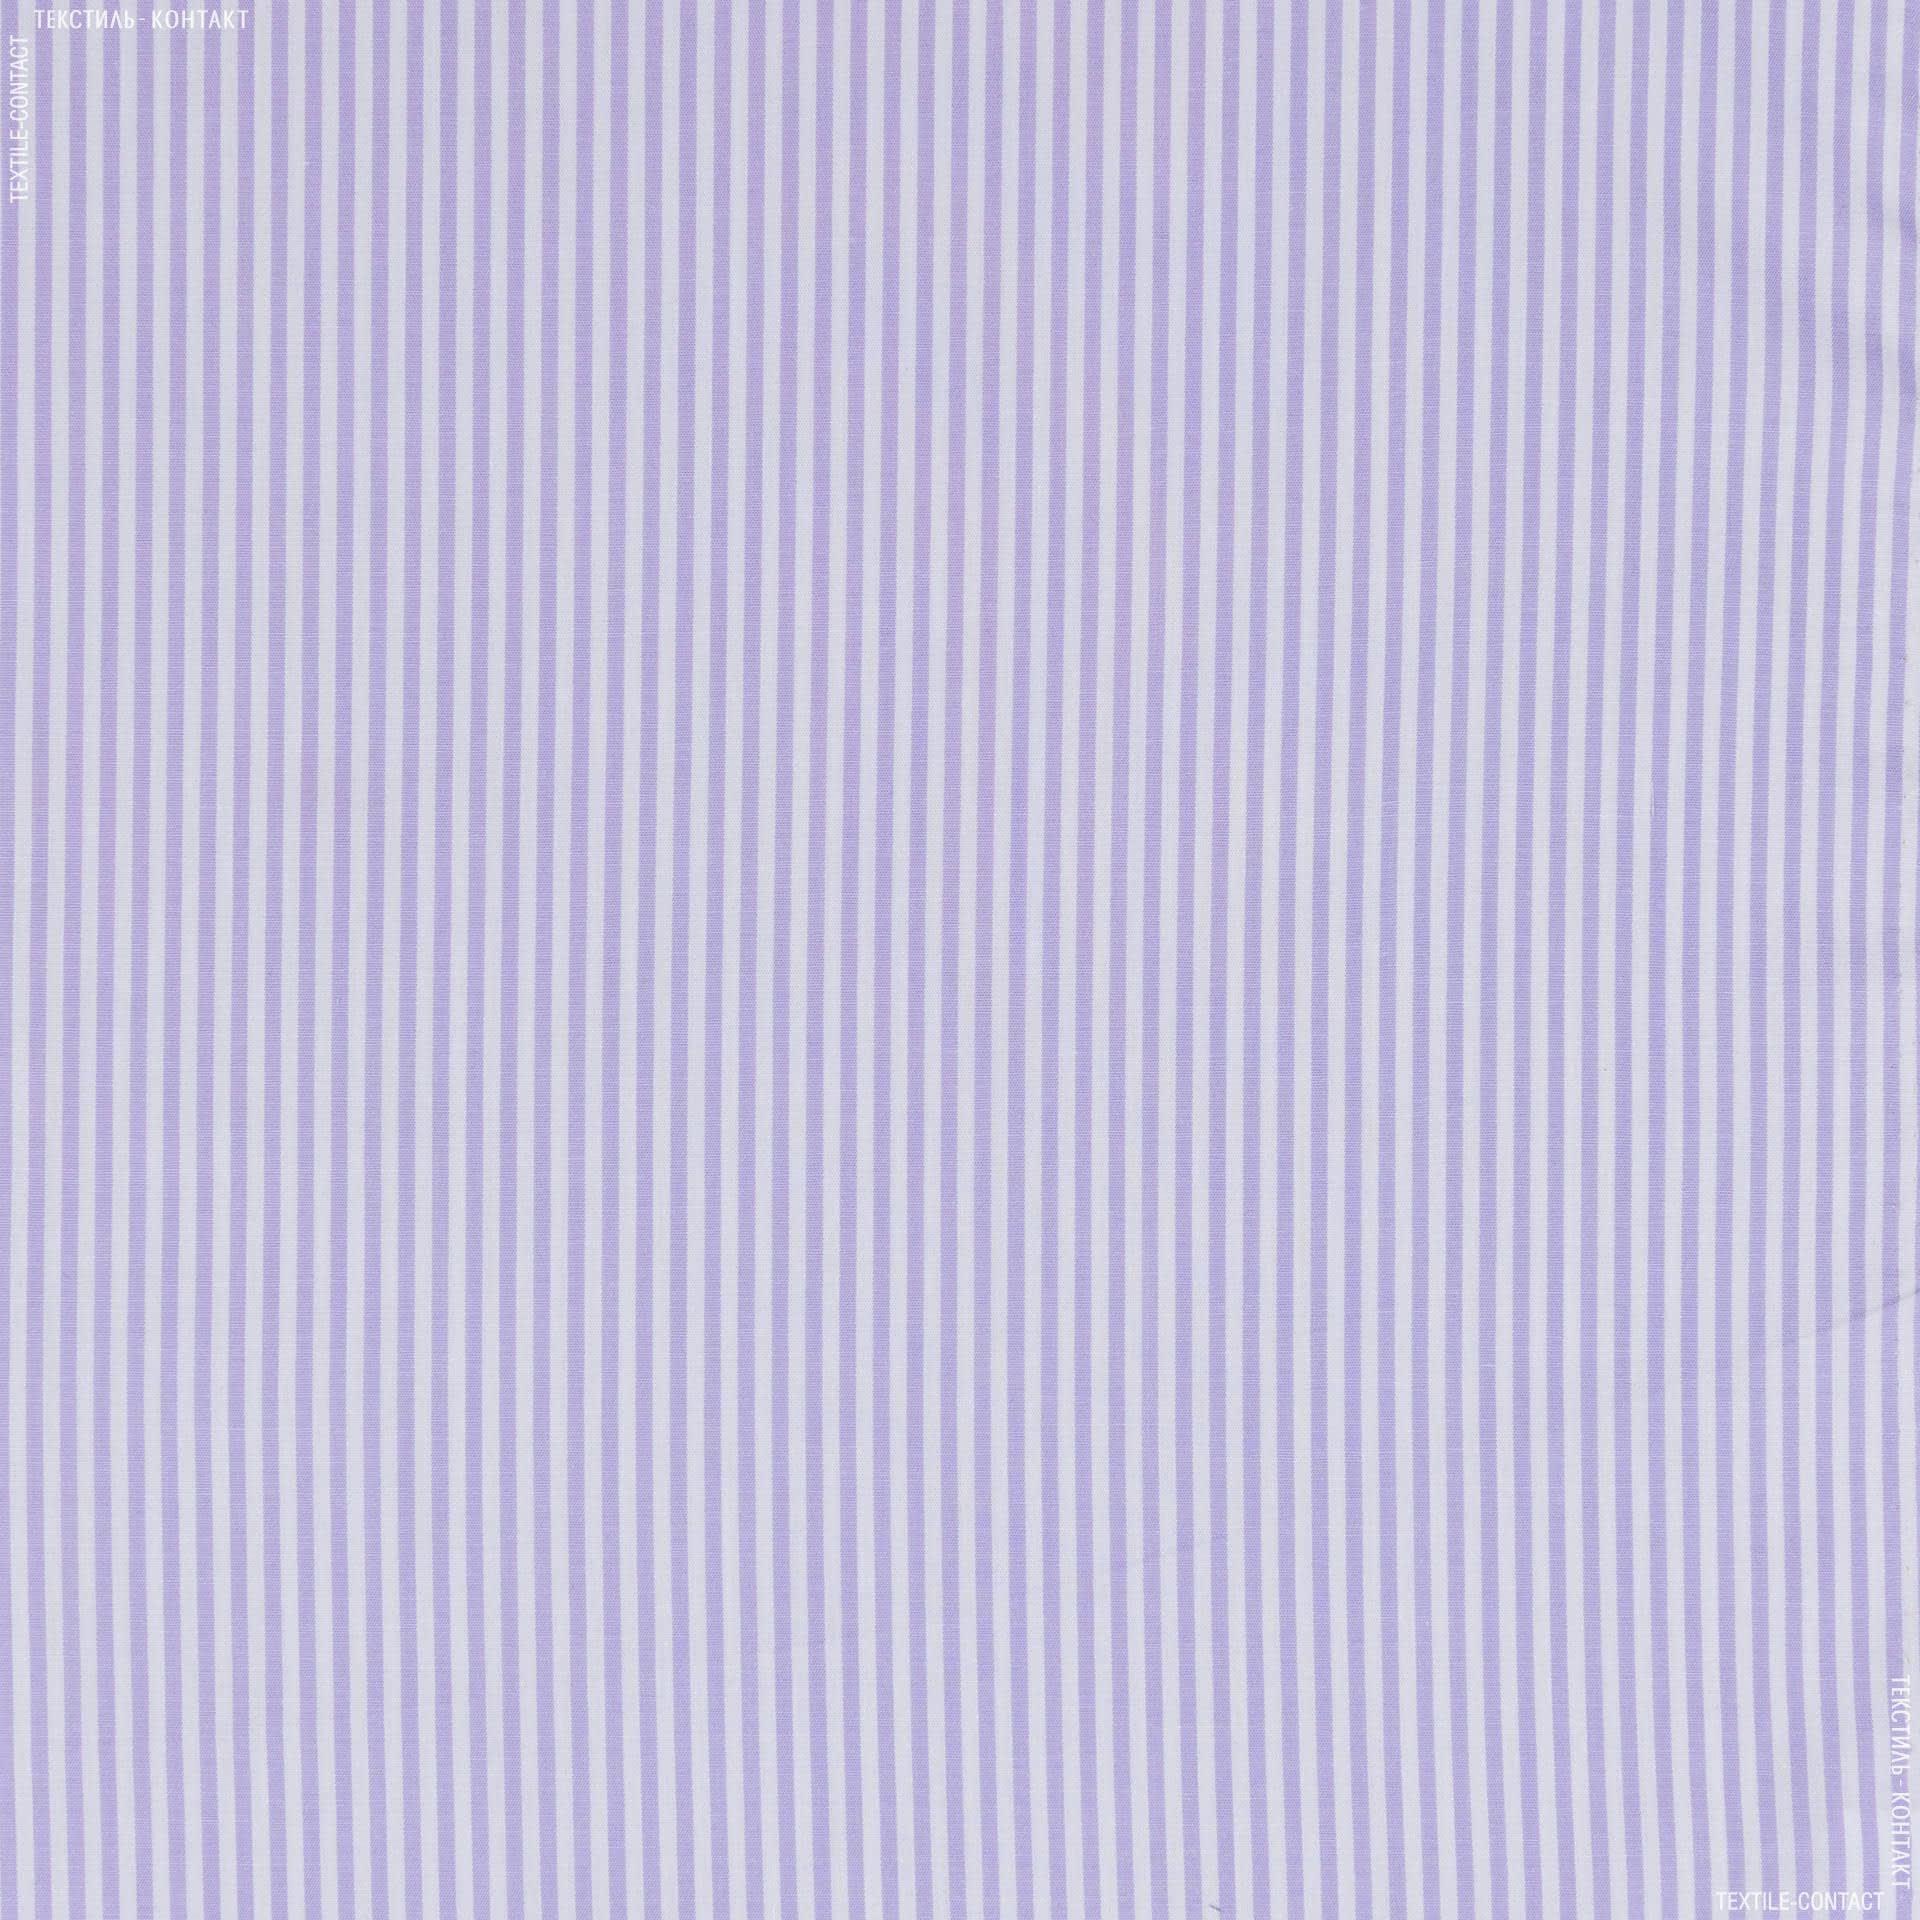 Ткани для платков и бандан - Сорочечная getzner полоса бело/сиреневый